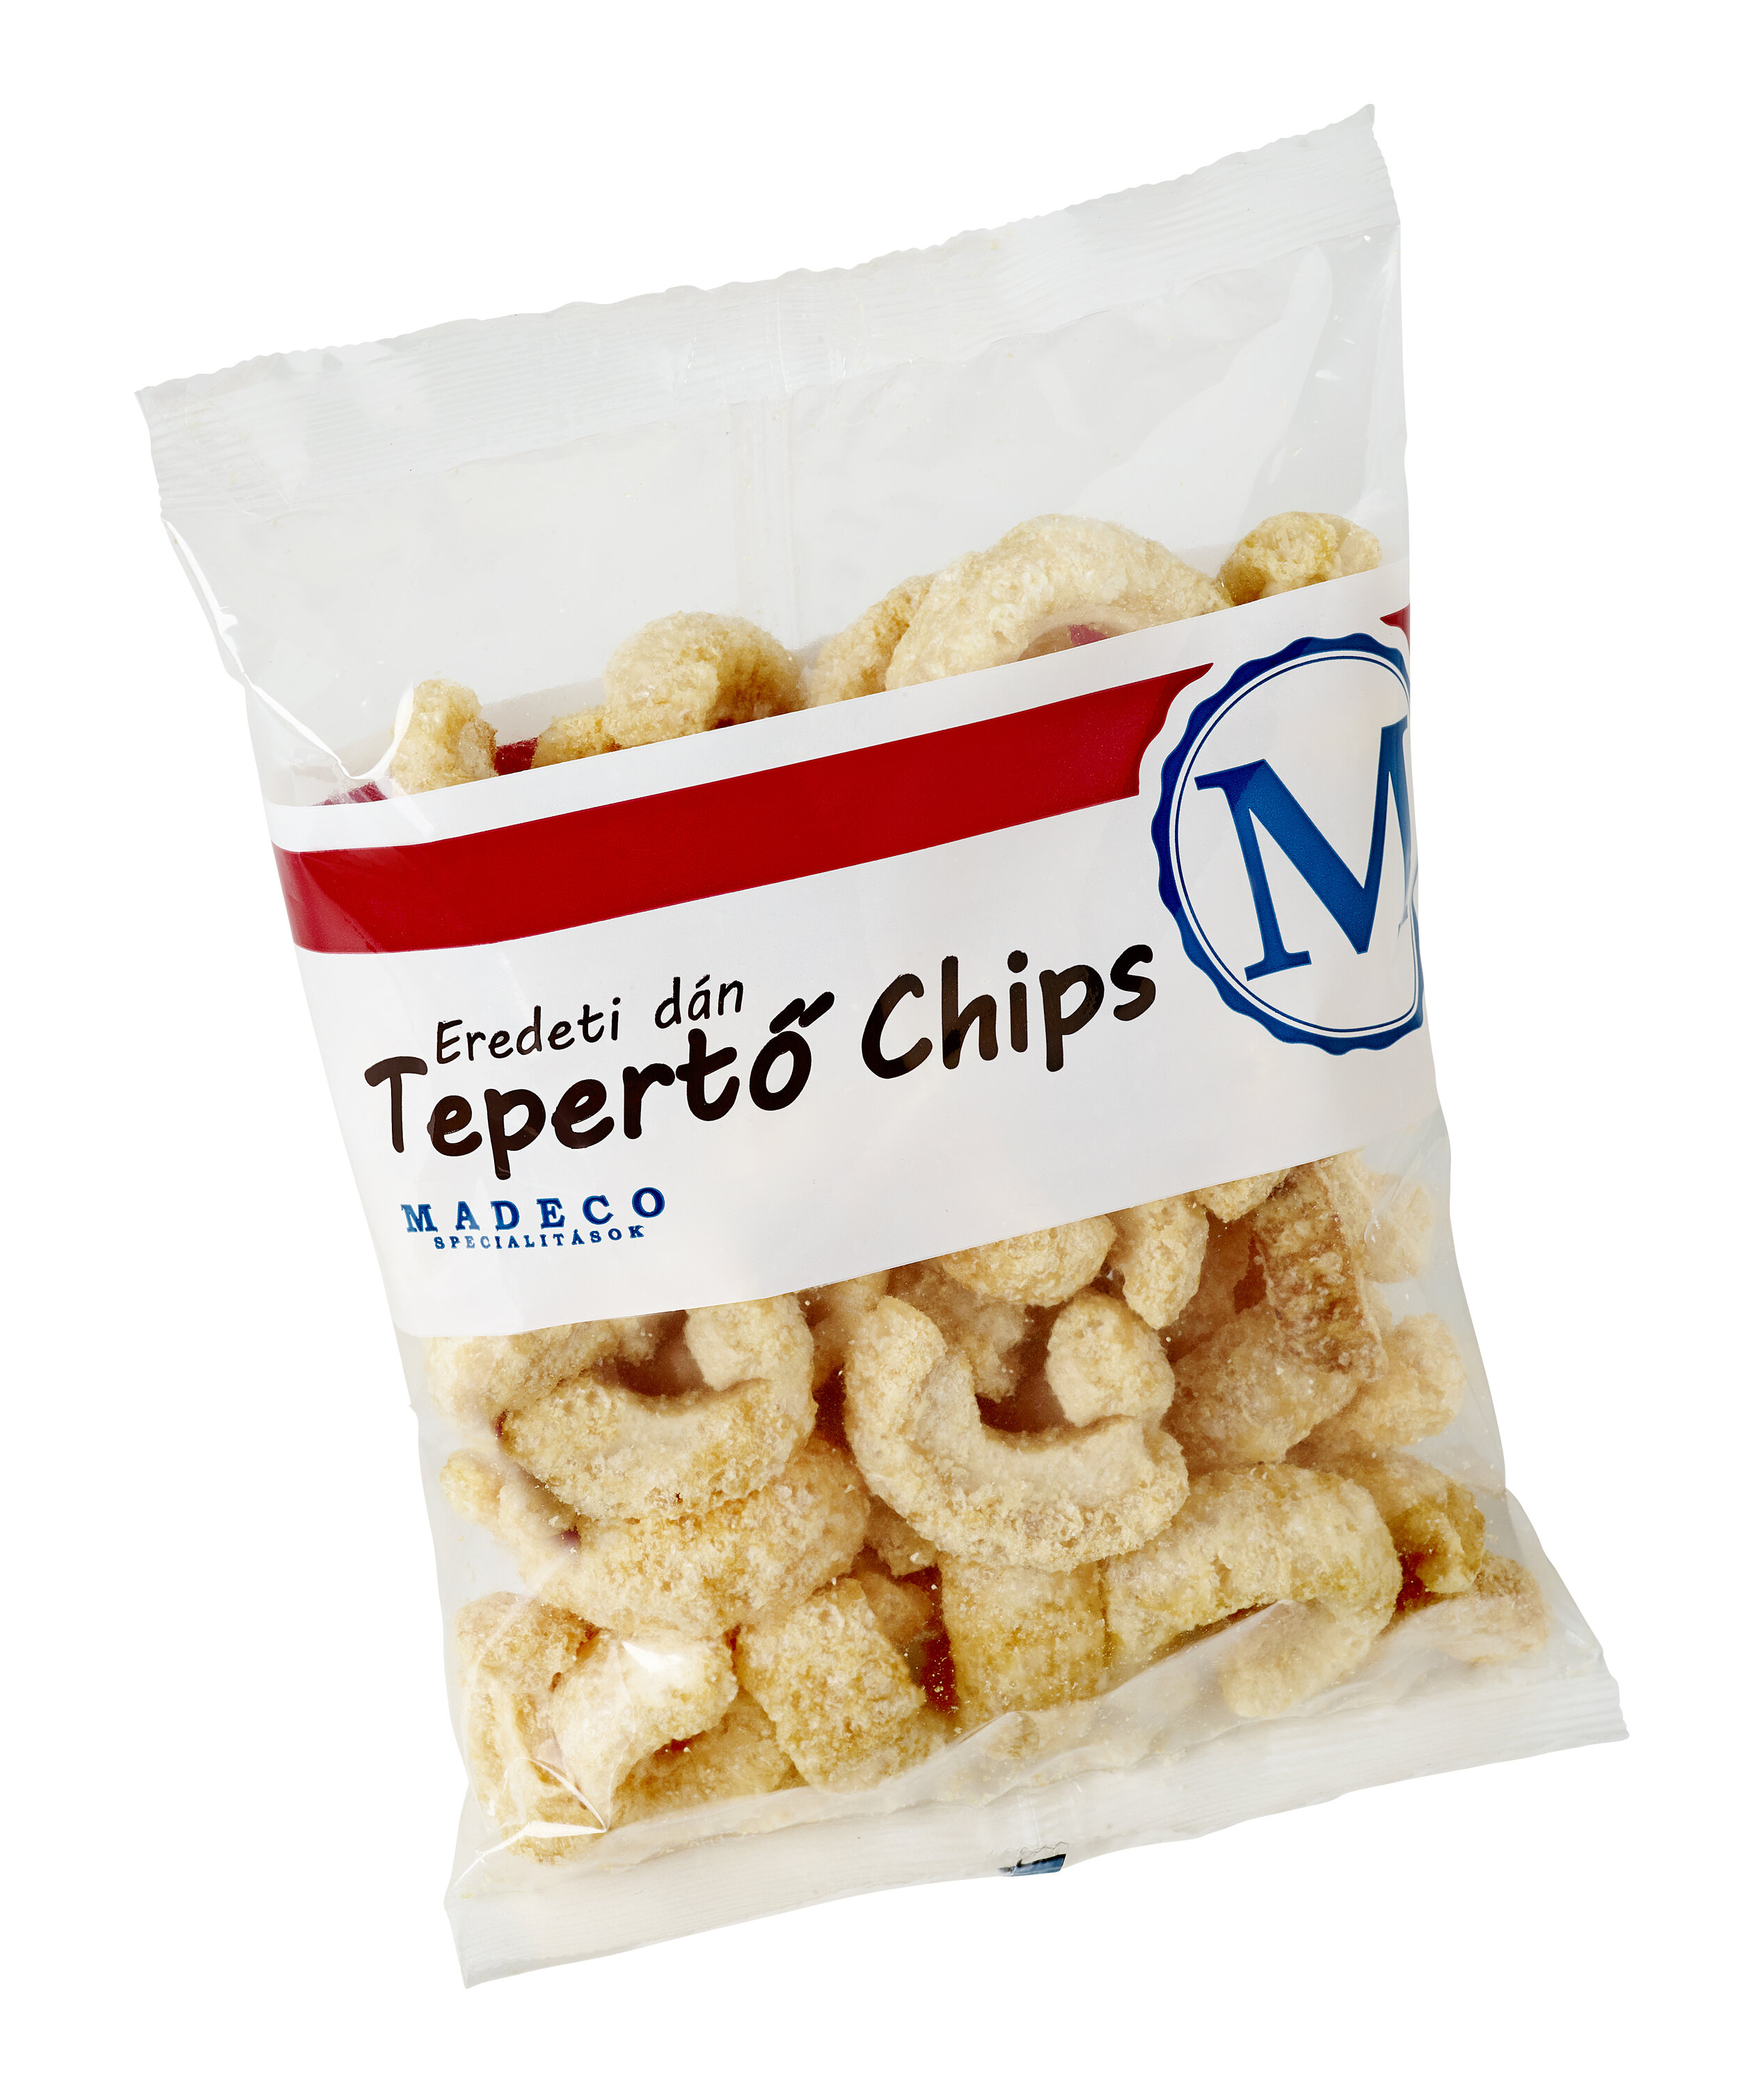 teperto_chips.jpg